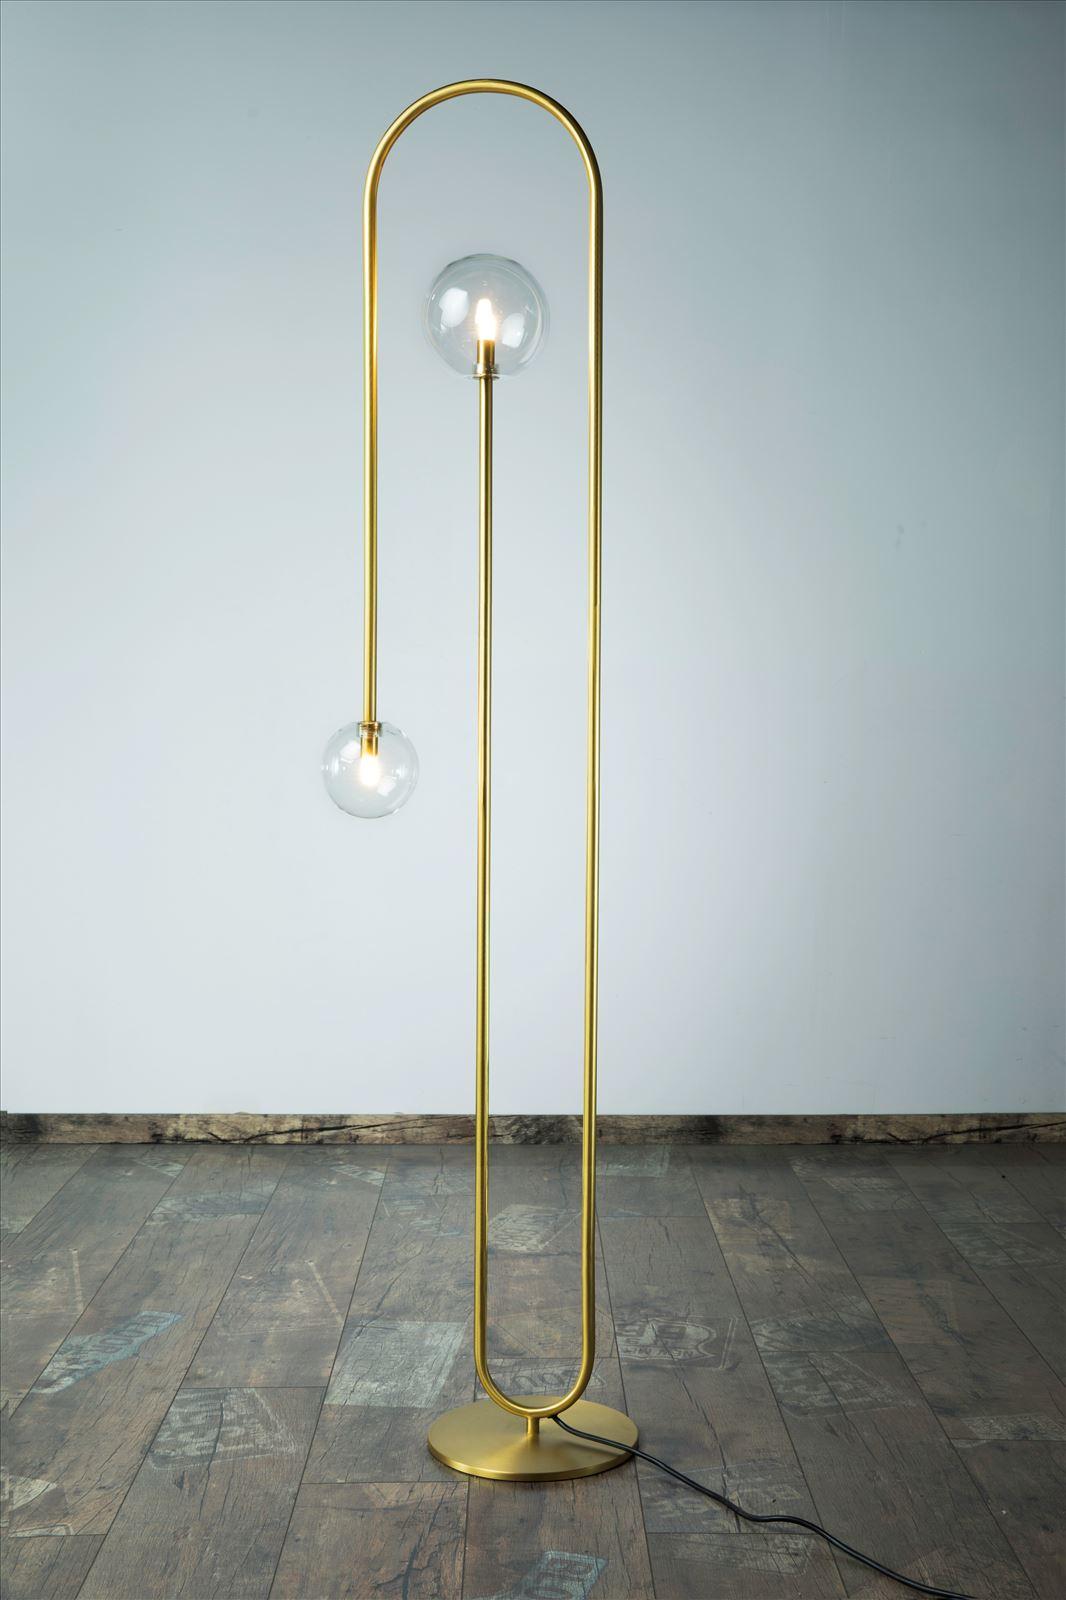 גופי תאורה בקטגוריית: מנורות עמידה  ,שם המוצר: מ.עמידה פריז L פליז